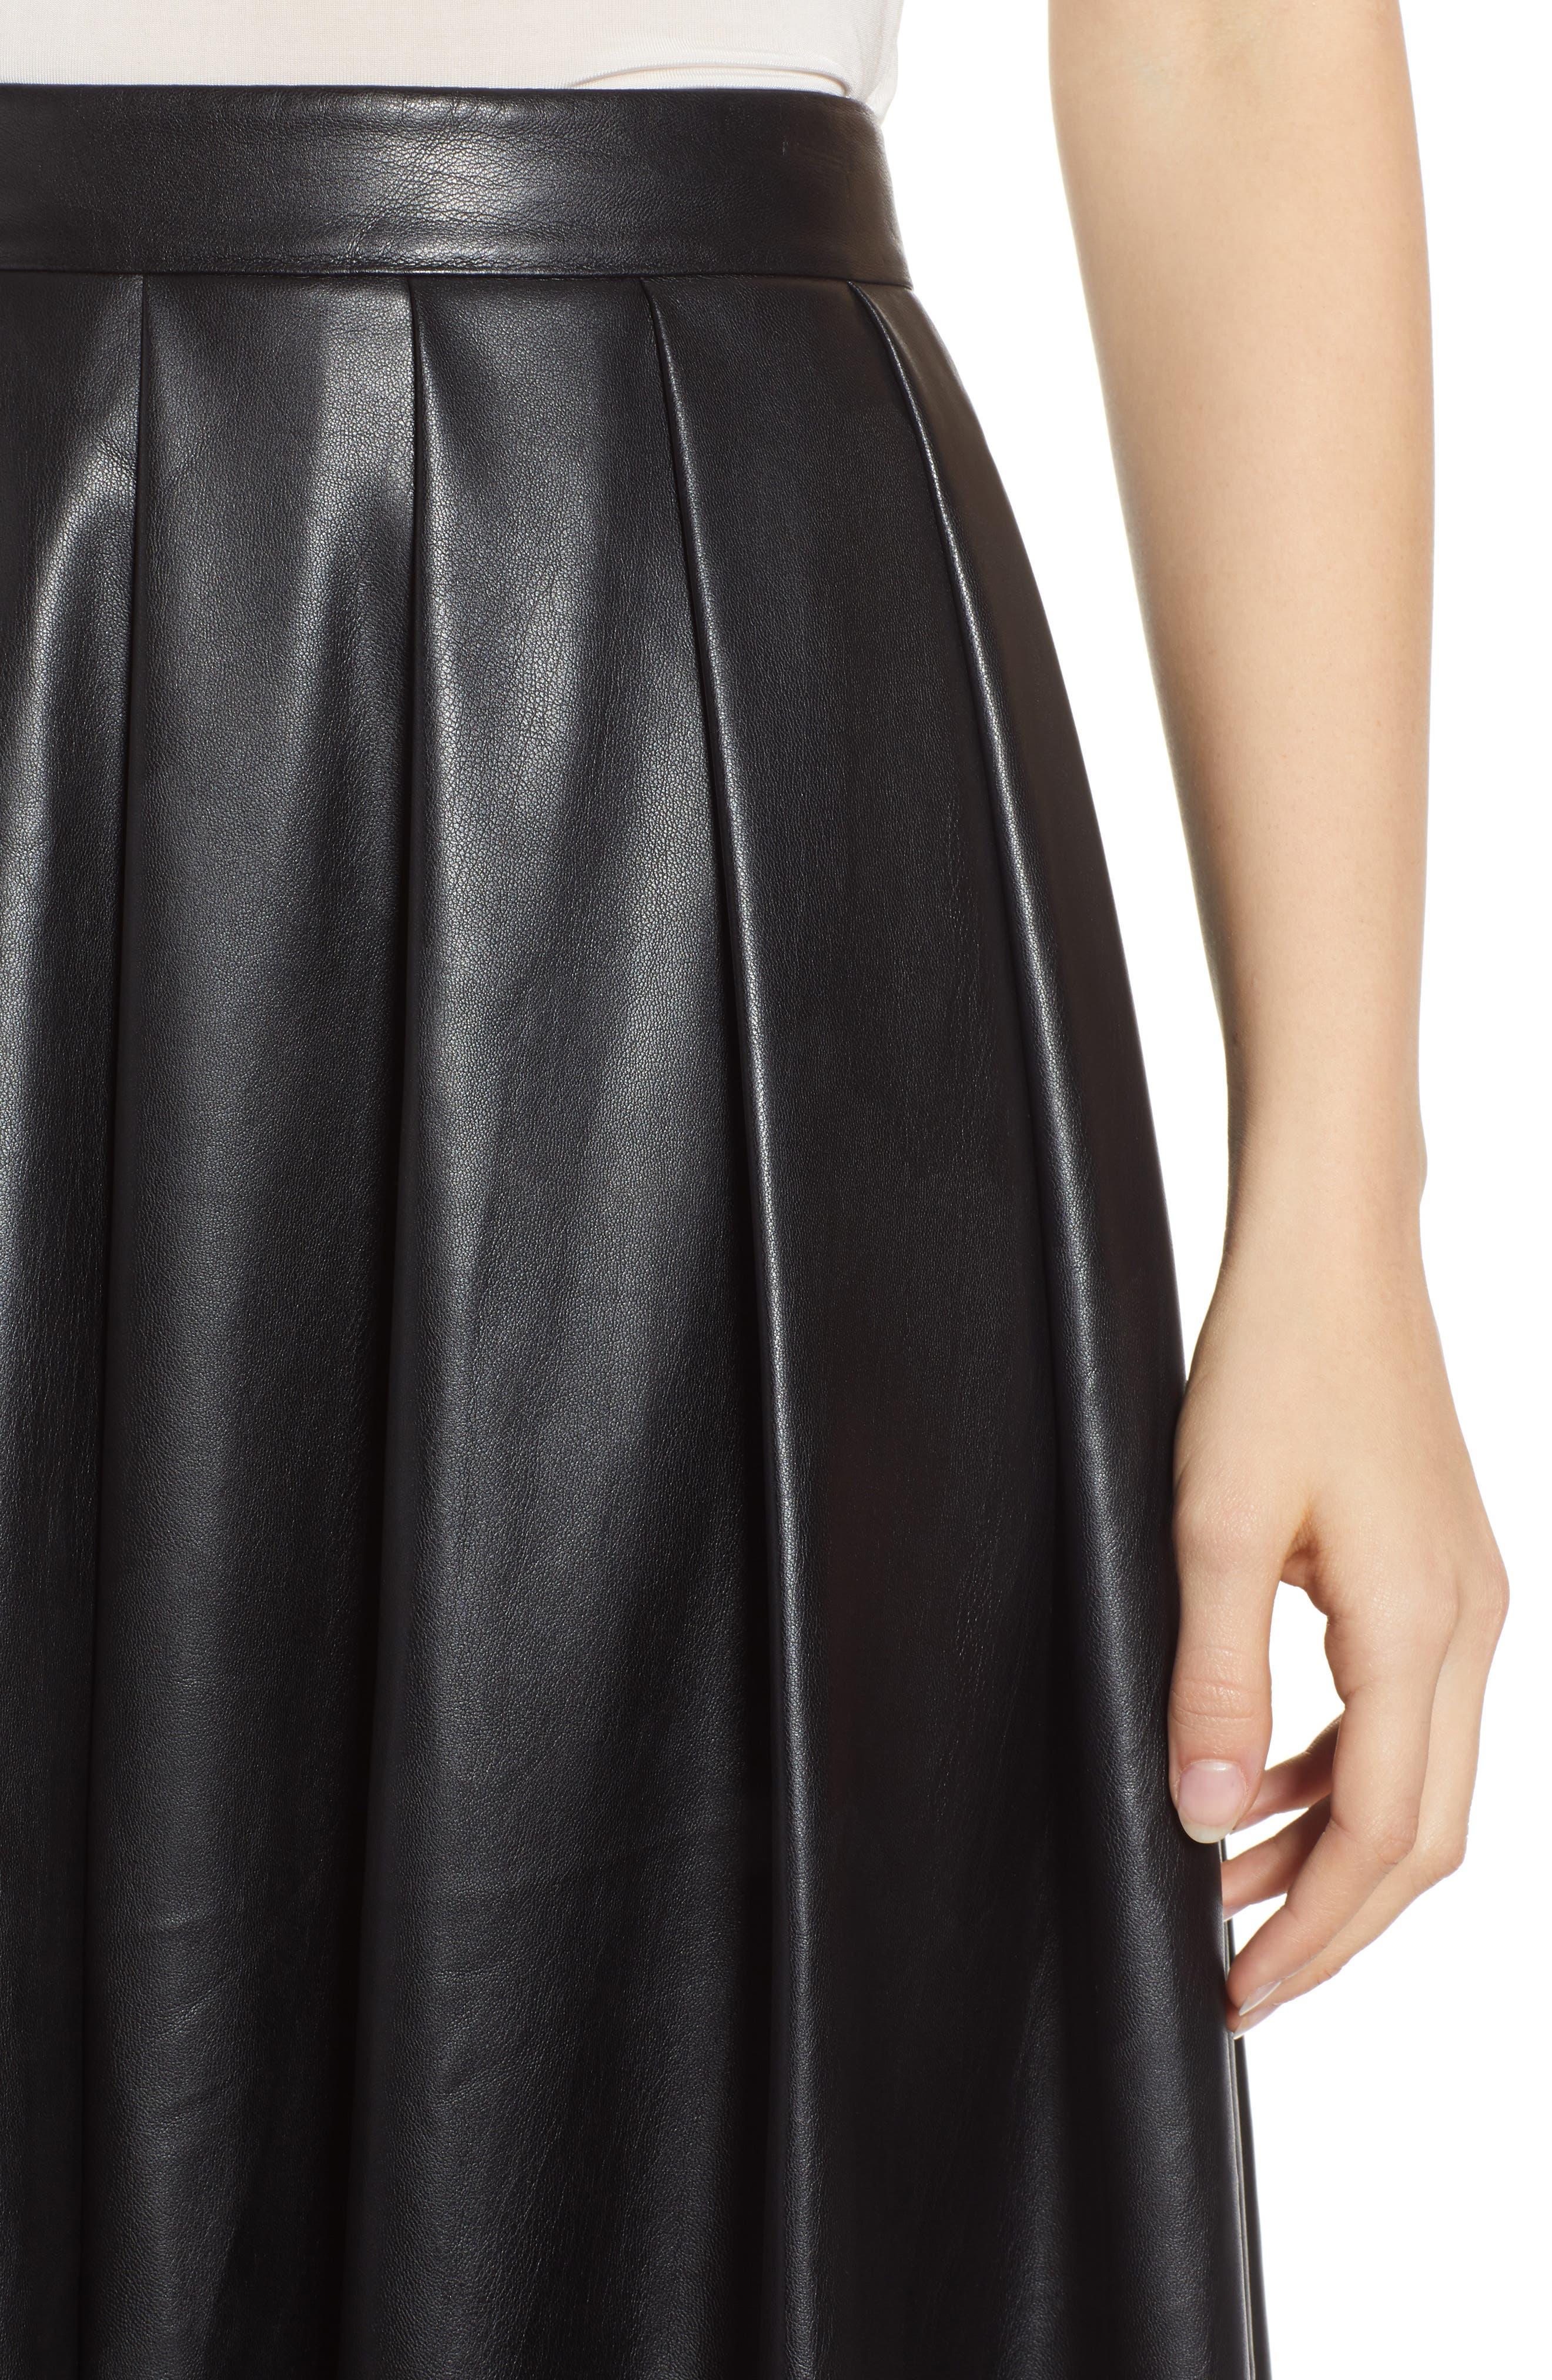 Hudson Faux Leather Midi Skirt,                             Alternate thumbnail 4, color,                             BLACK